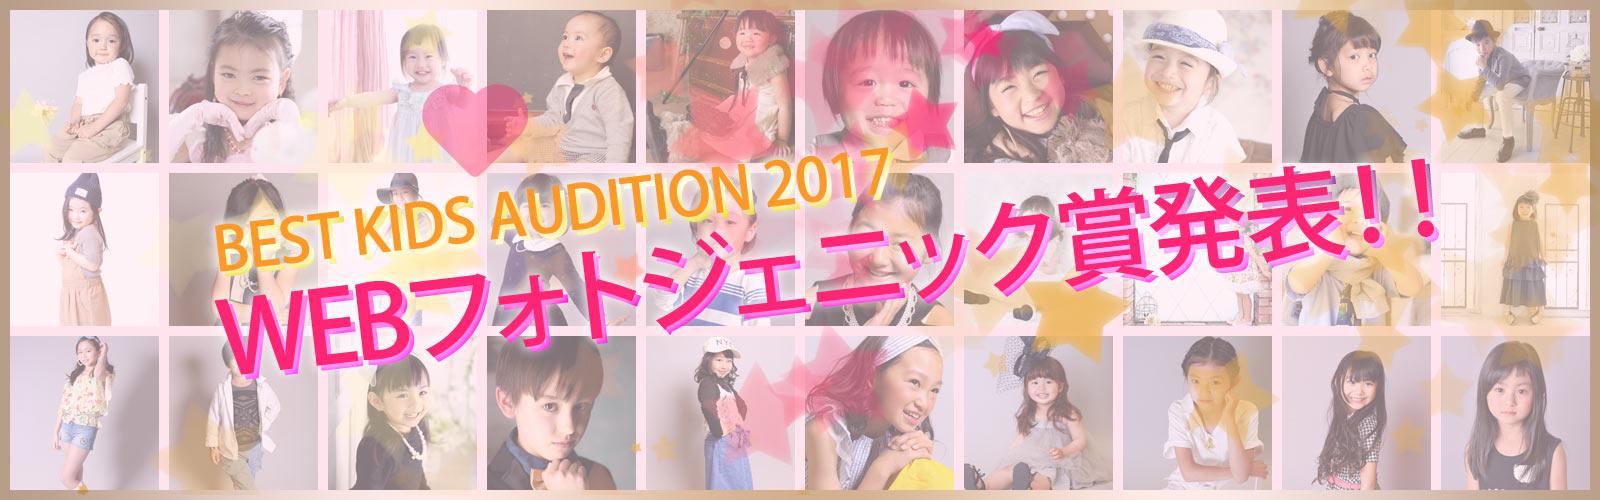 BEST KIDS AUDITION 2017 WEBフォトジェニック賞発表!!